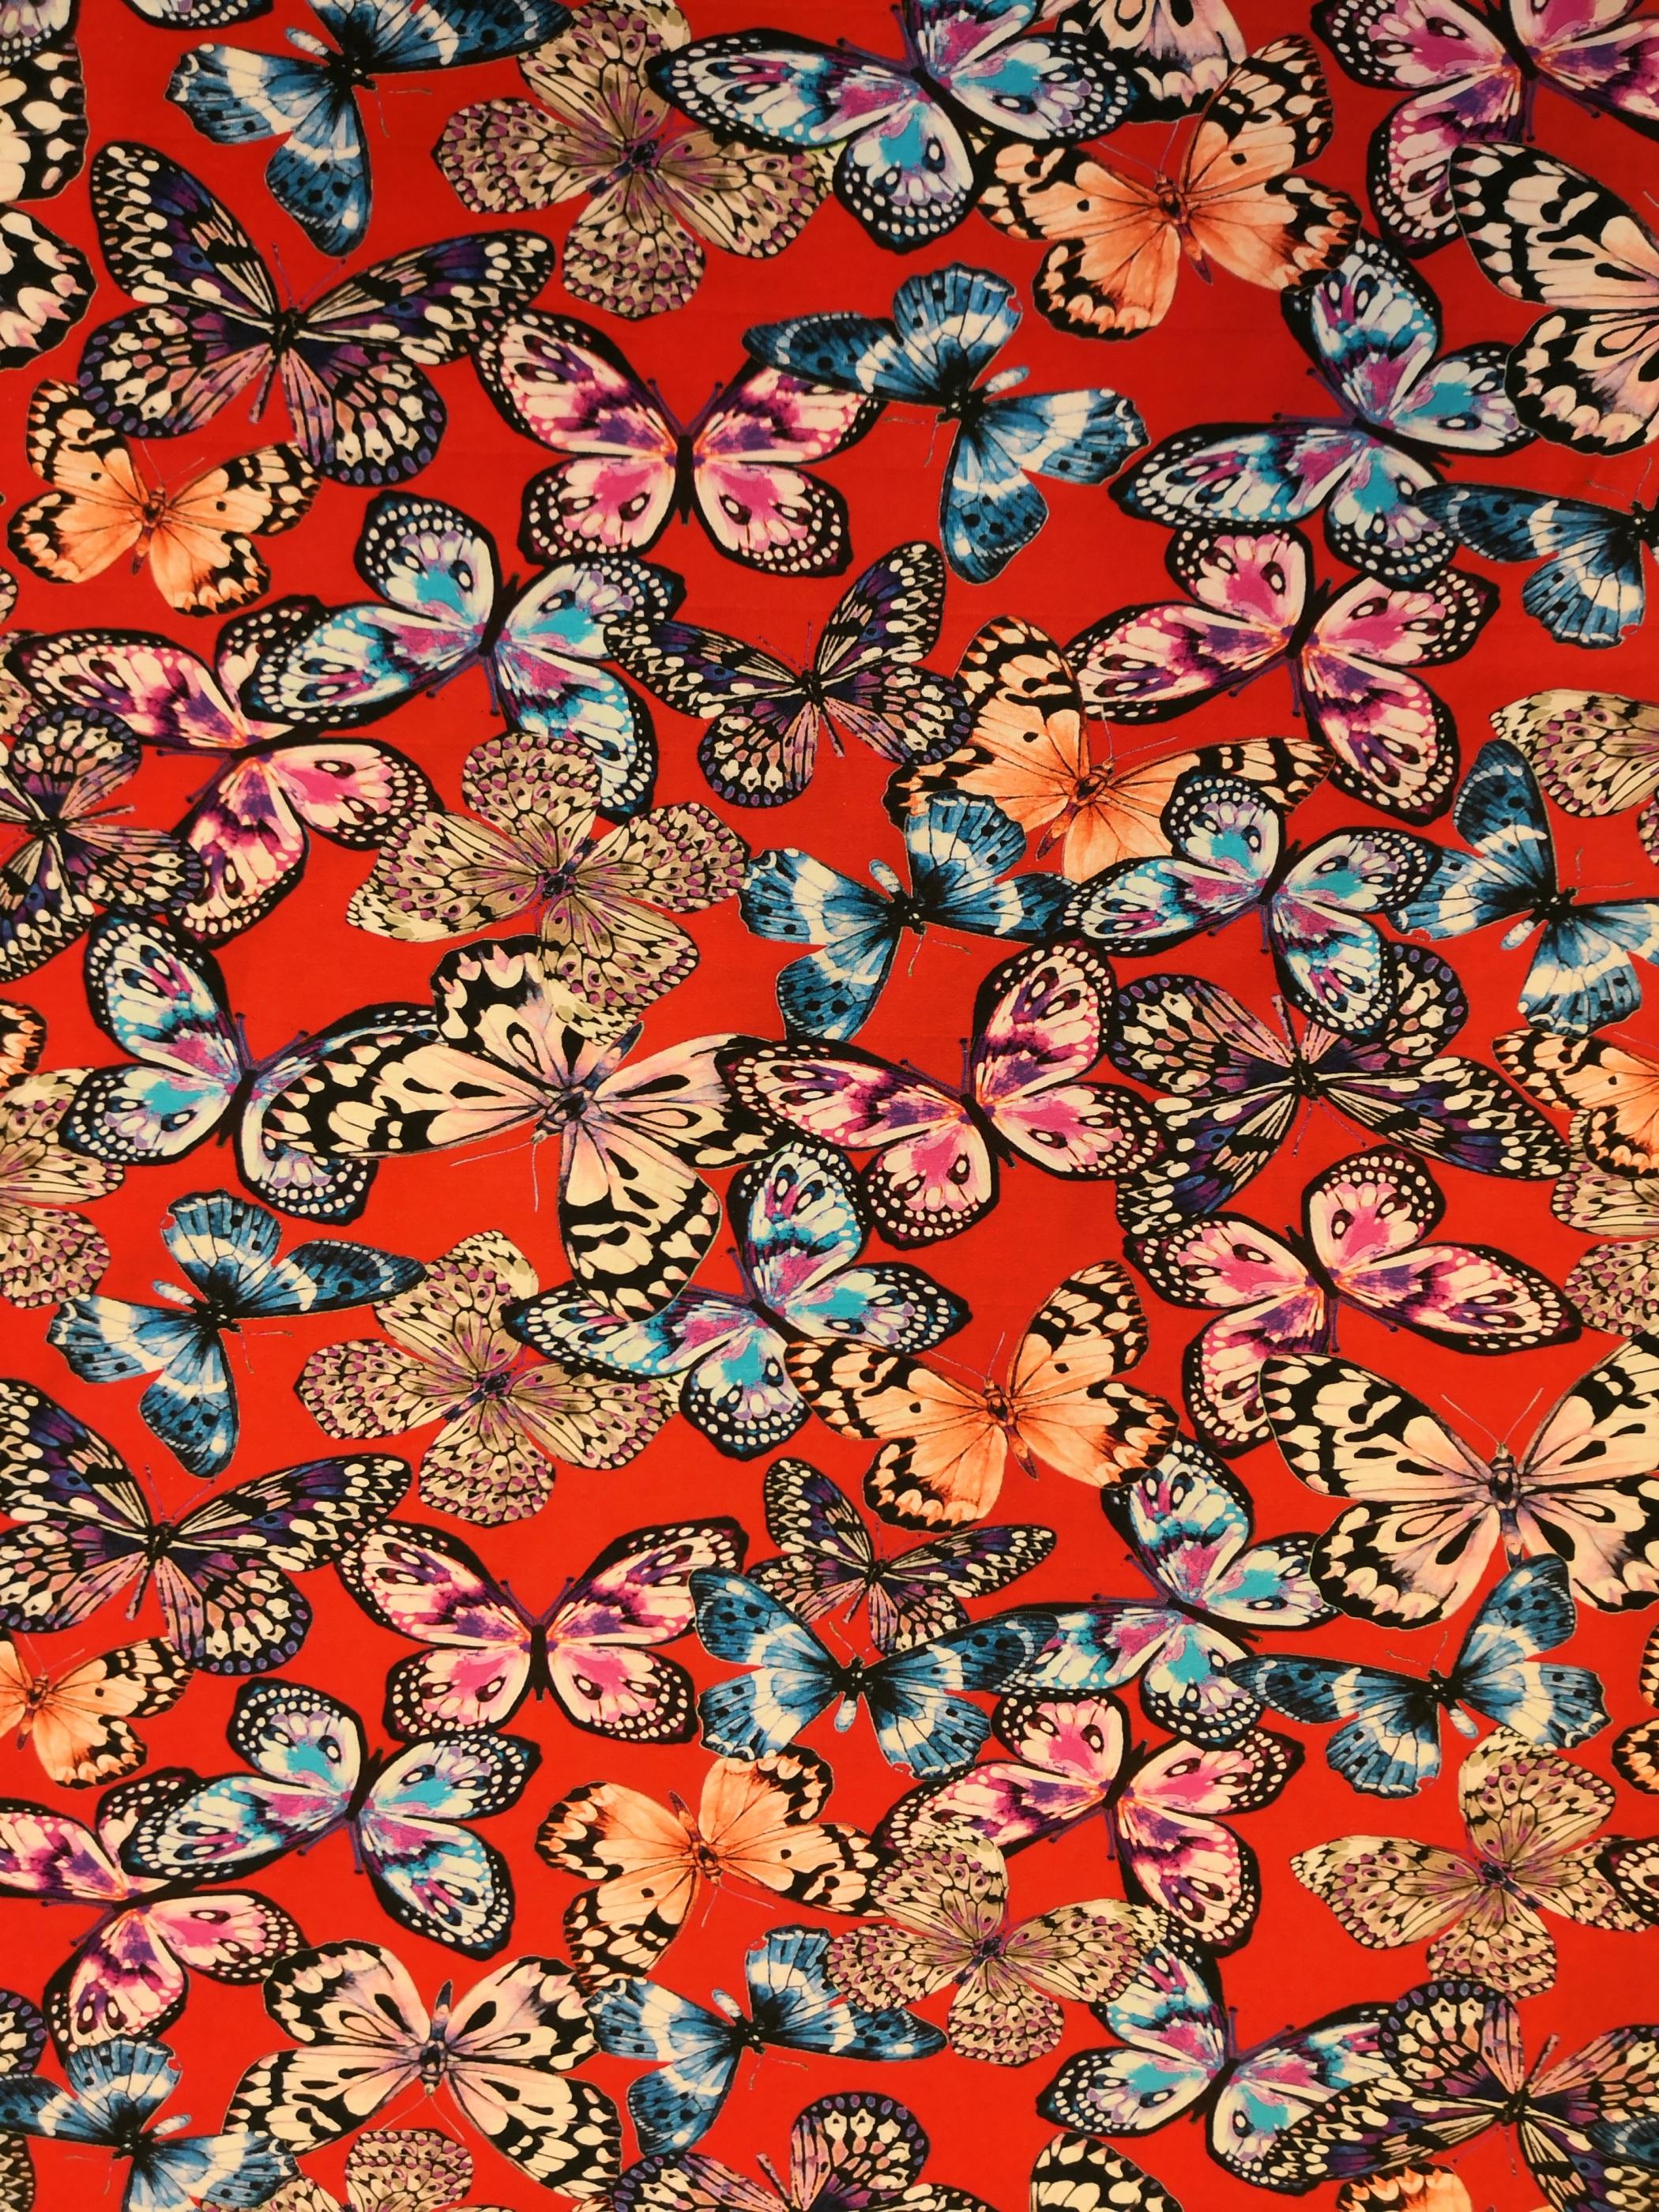 fjärilar på röd botten